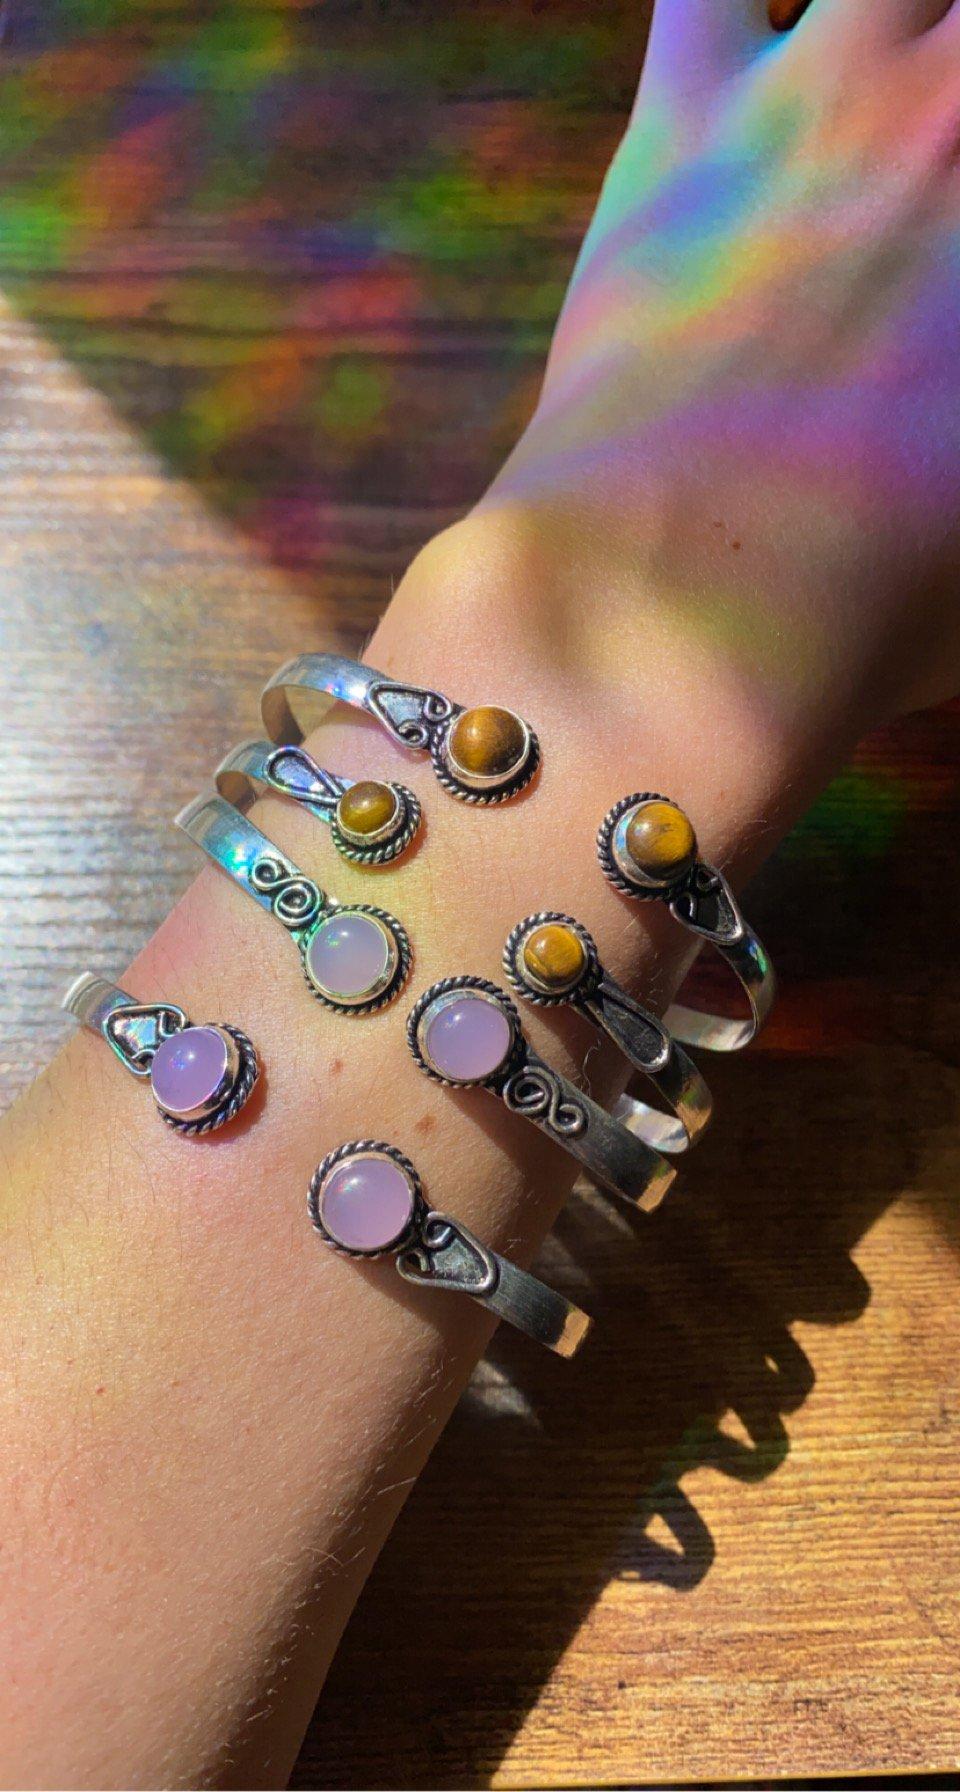 Image of adjustable crystal bracelet bands/arm cuffs